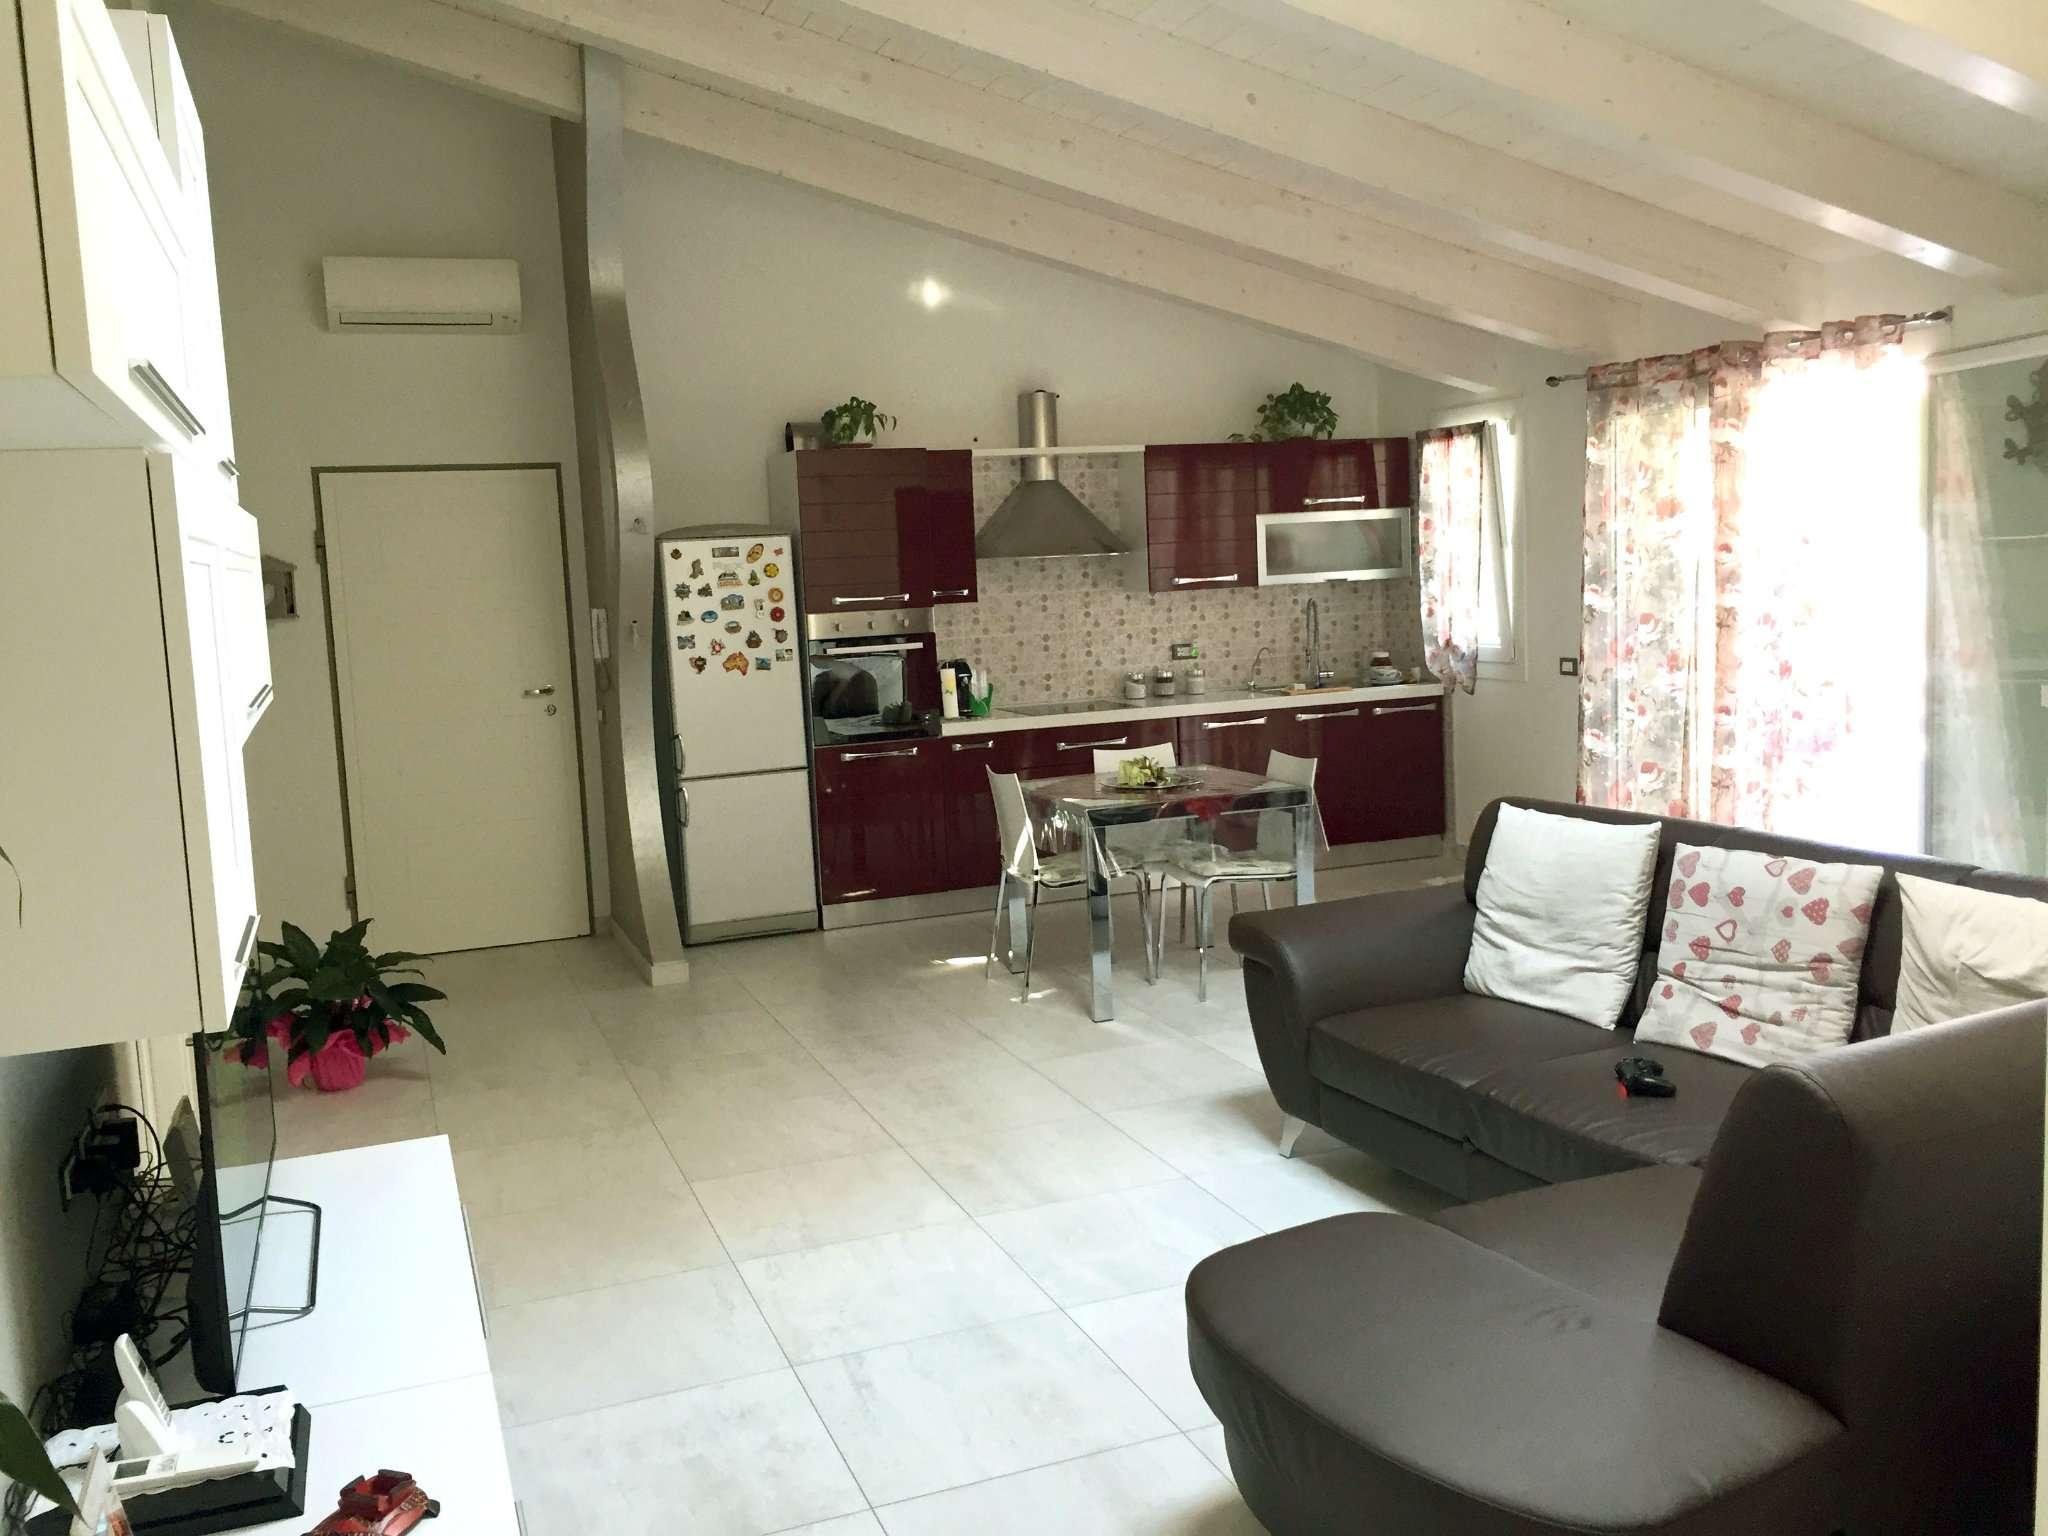 Soluzione Indipendente in vendita a Ravenna, 4 locali, prezzo € 485.000 | CambioCasa.it